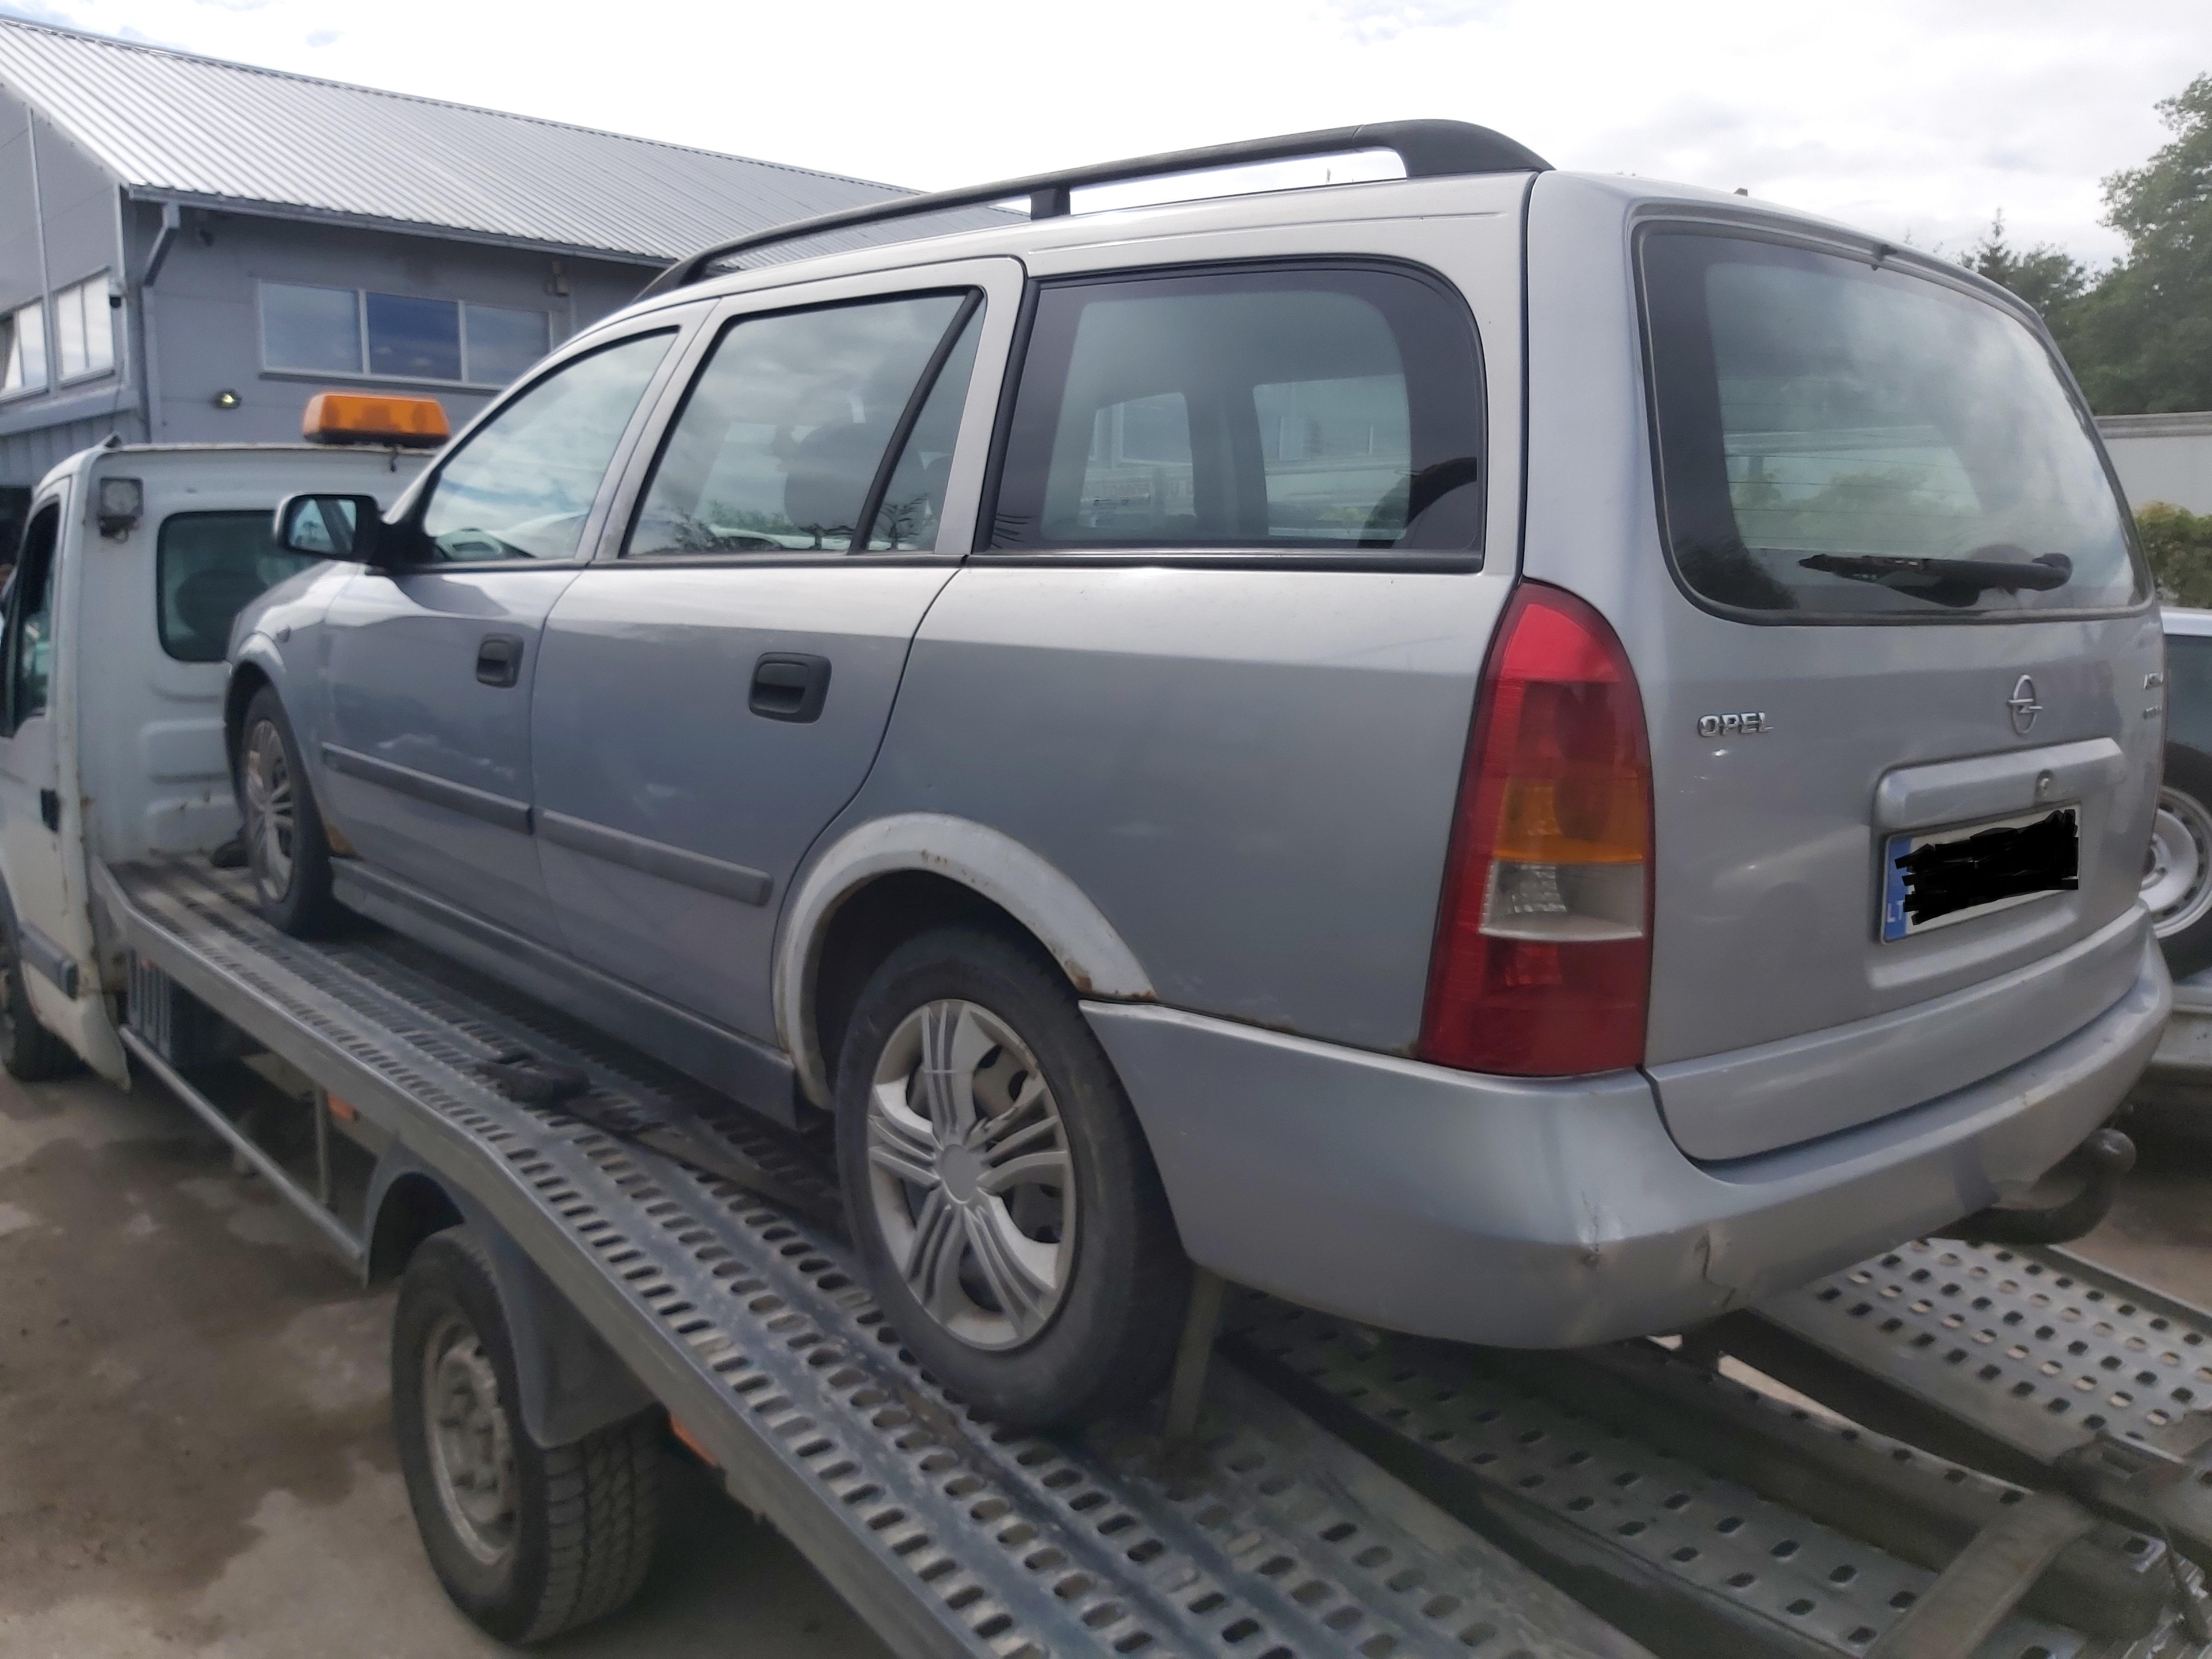 Подержанные Автозапчасти Foto 5 Opel ASTRA 2000 2.0 машиностроение универсал 4/5 d. Серый 2020-7-30 A5479